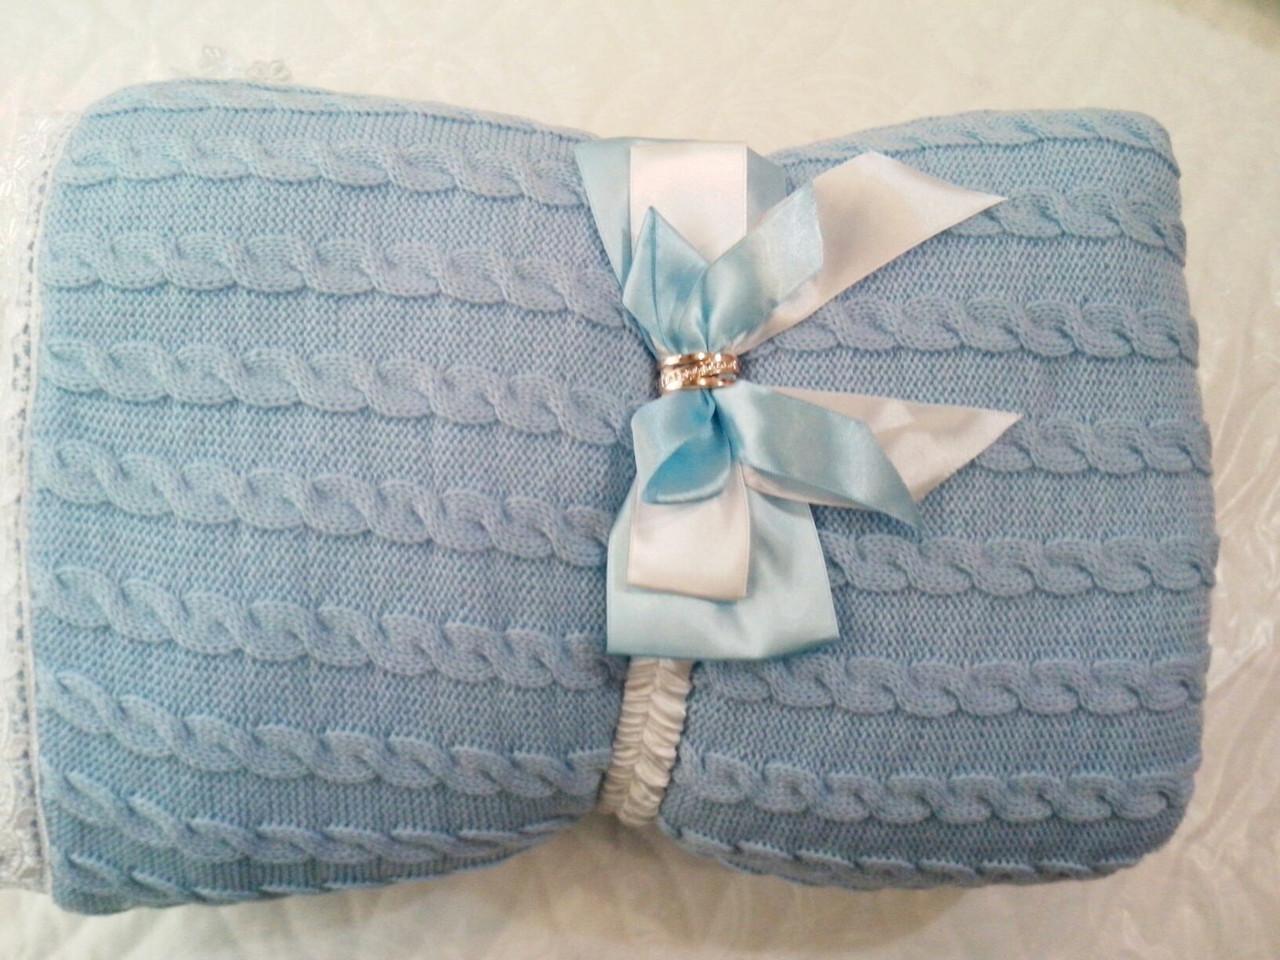 теплый вязаный конверт одеяло на выписку из роддома Biglua